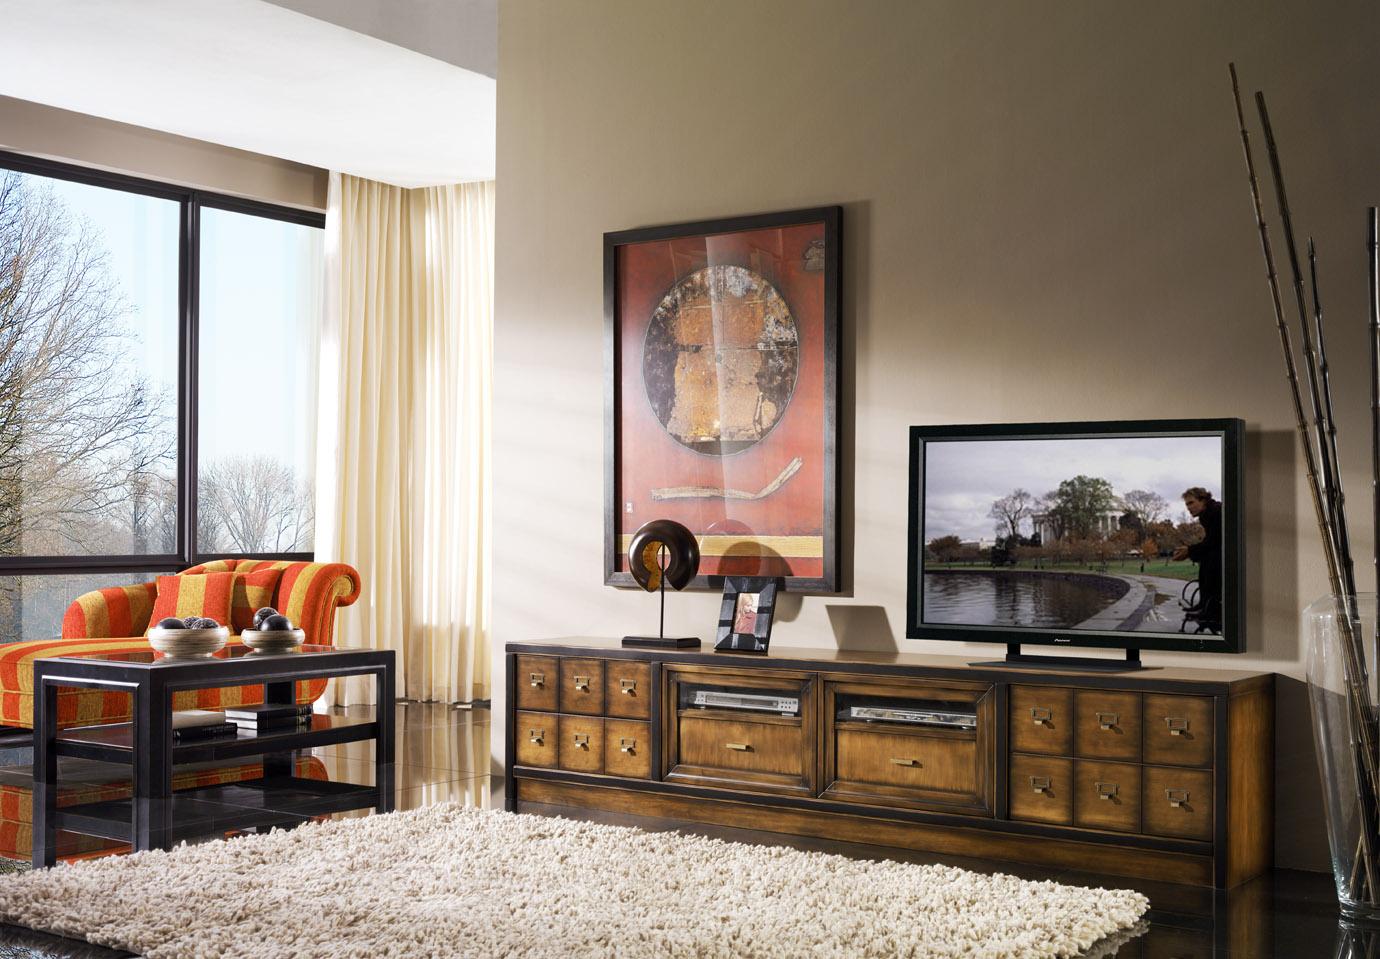 Un estilo nuevo, funcional y decorativo con un acabado artesanal